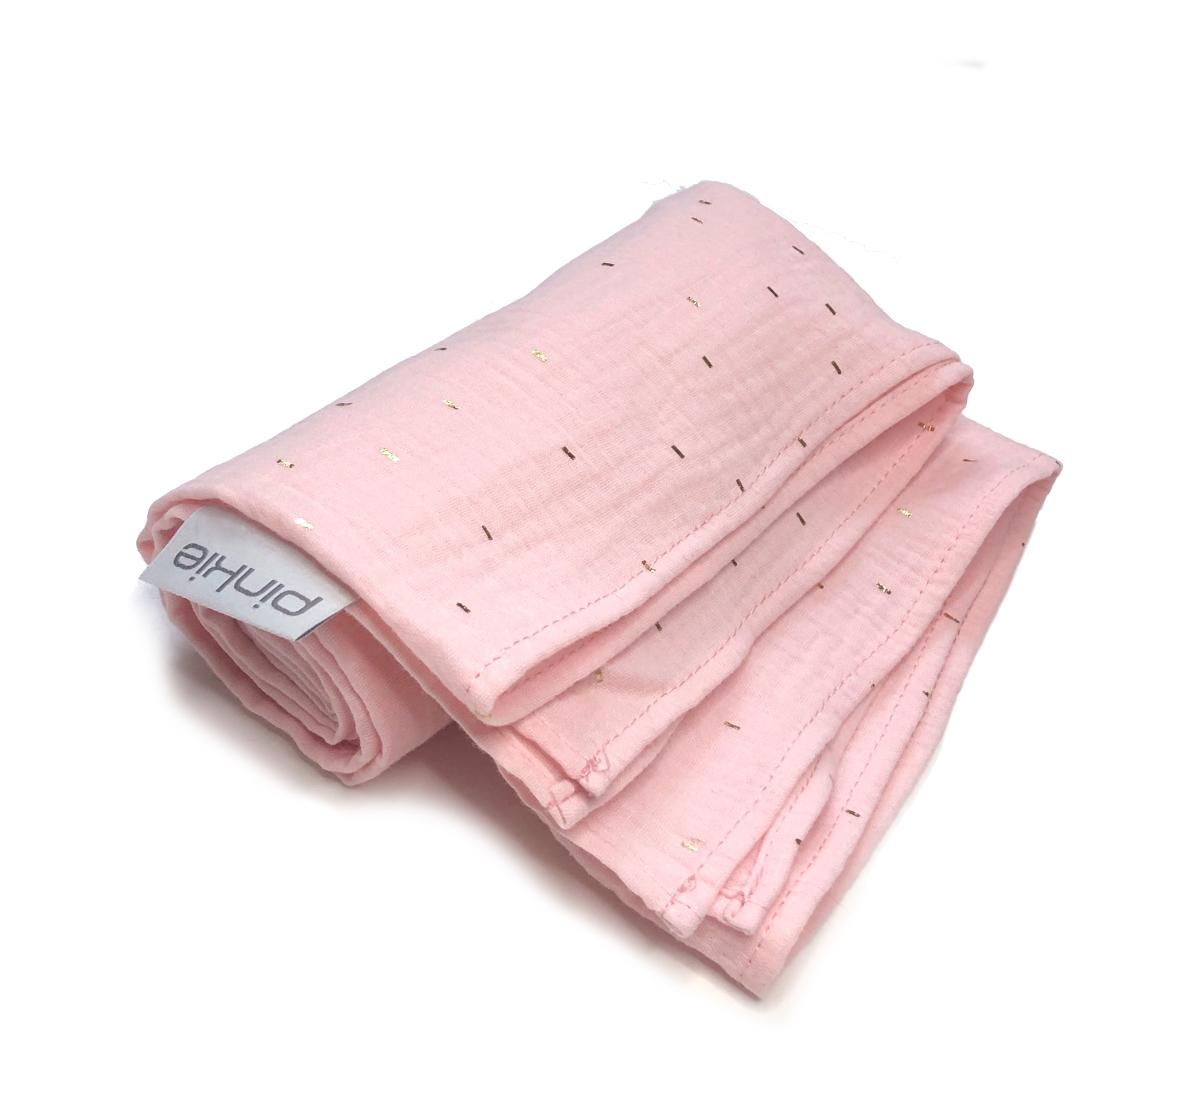 kliknutít zobrazíte maximální velikost obrázku set Muslin Light Pink